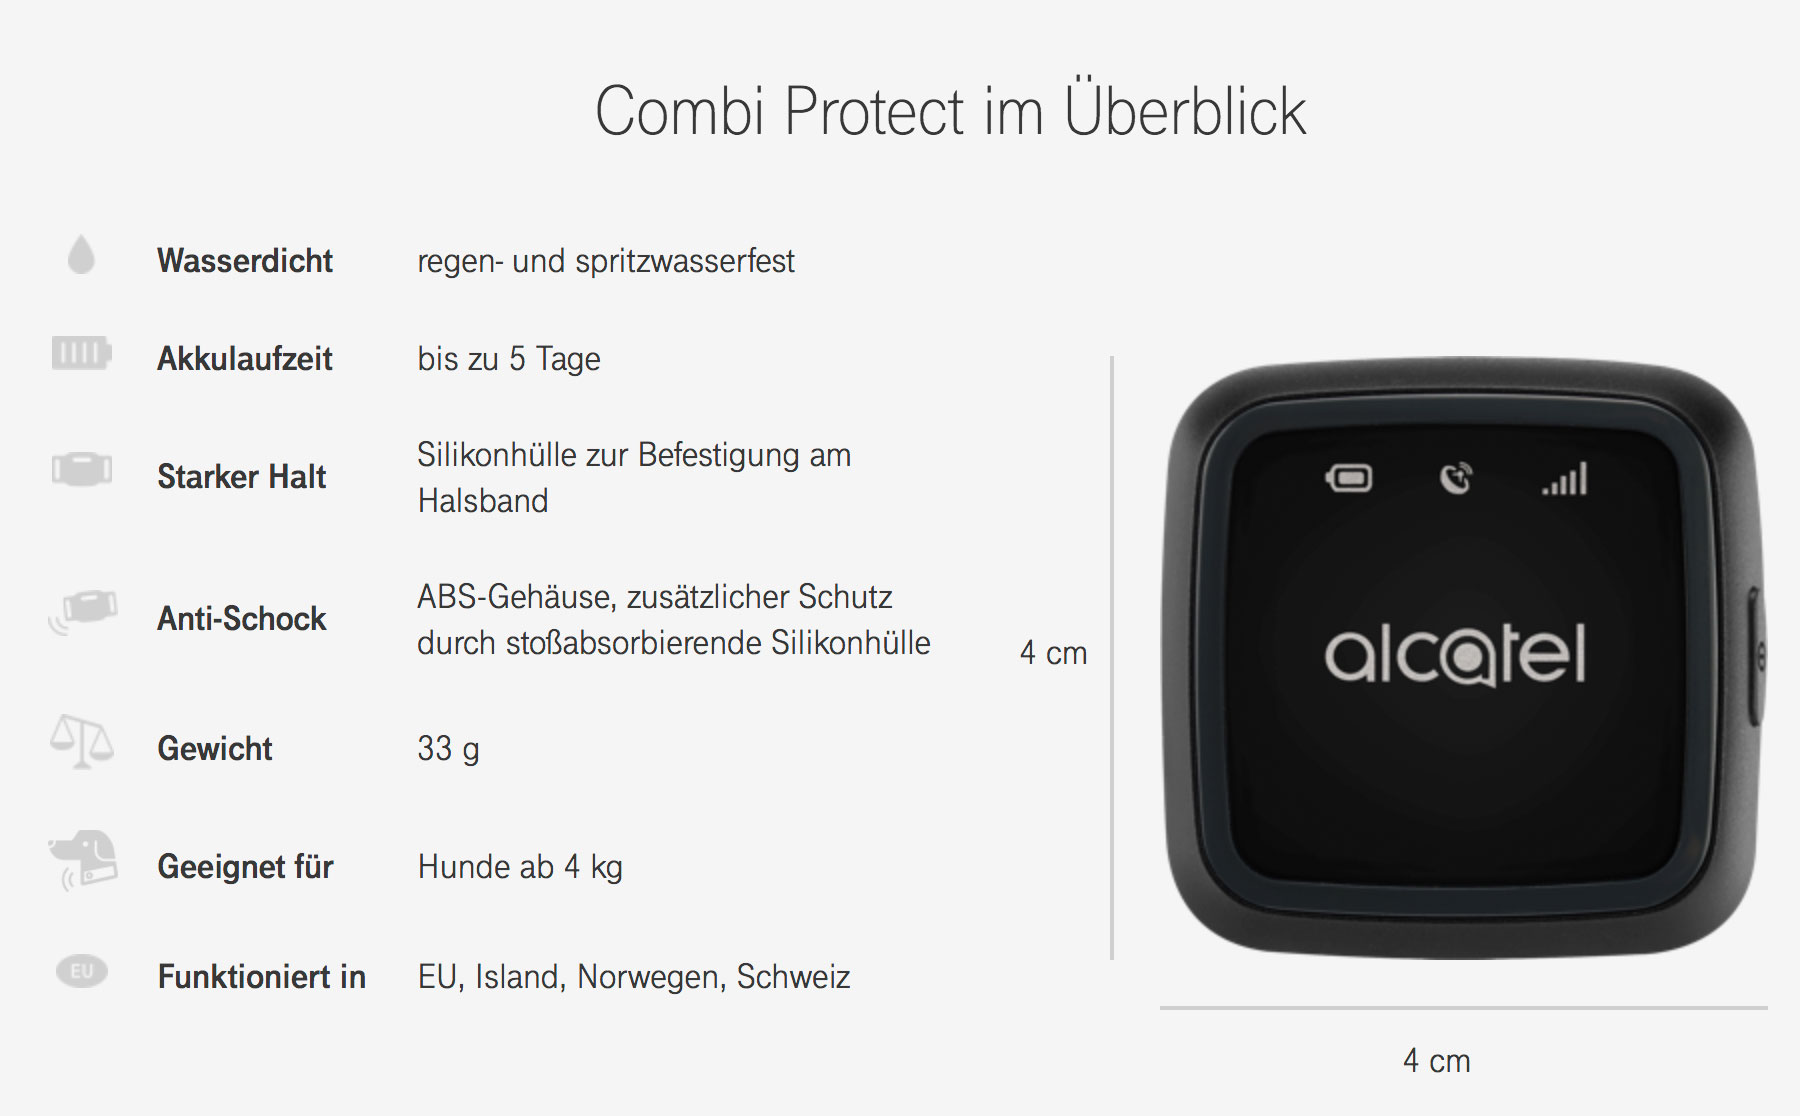 combi protect telekom startet gps hundetracker iphone. Black Bedroom Furniture Sets. Home Design Ideas